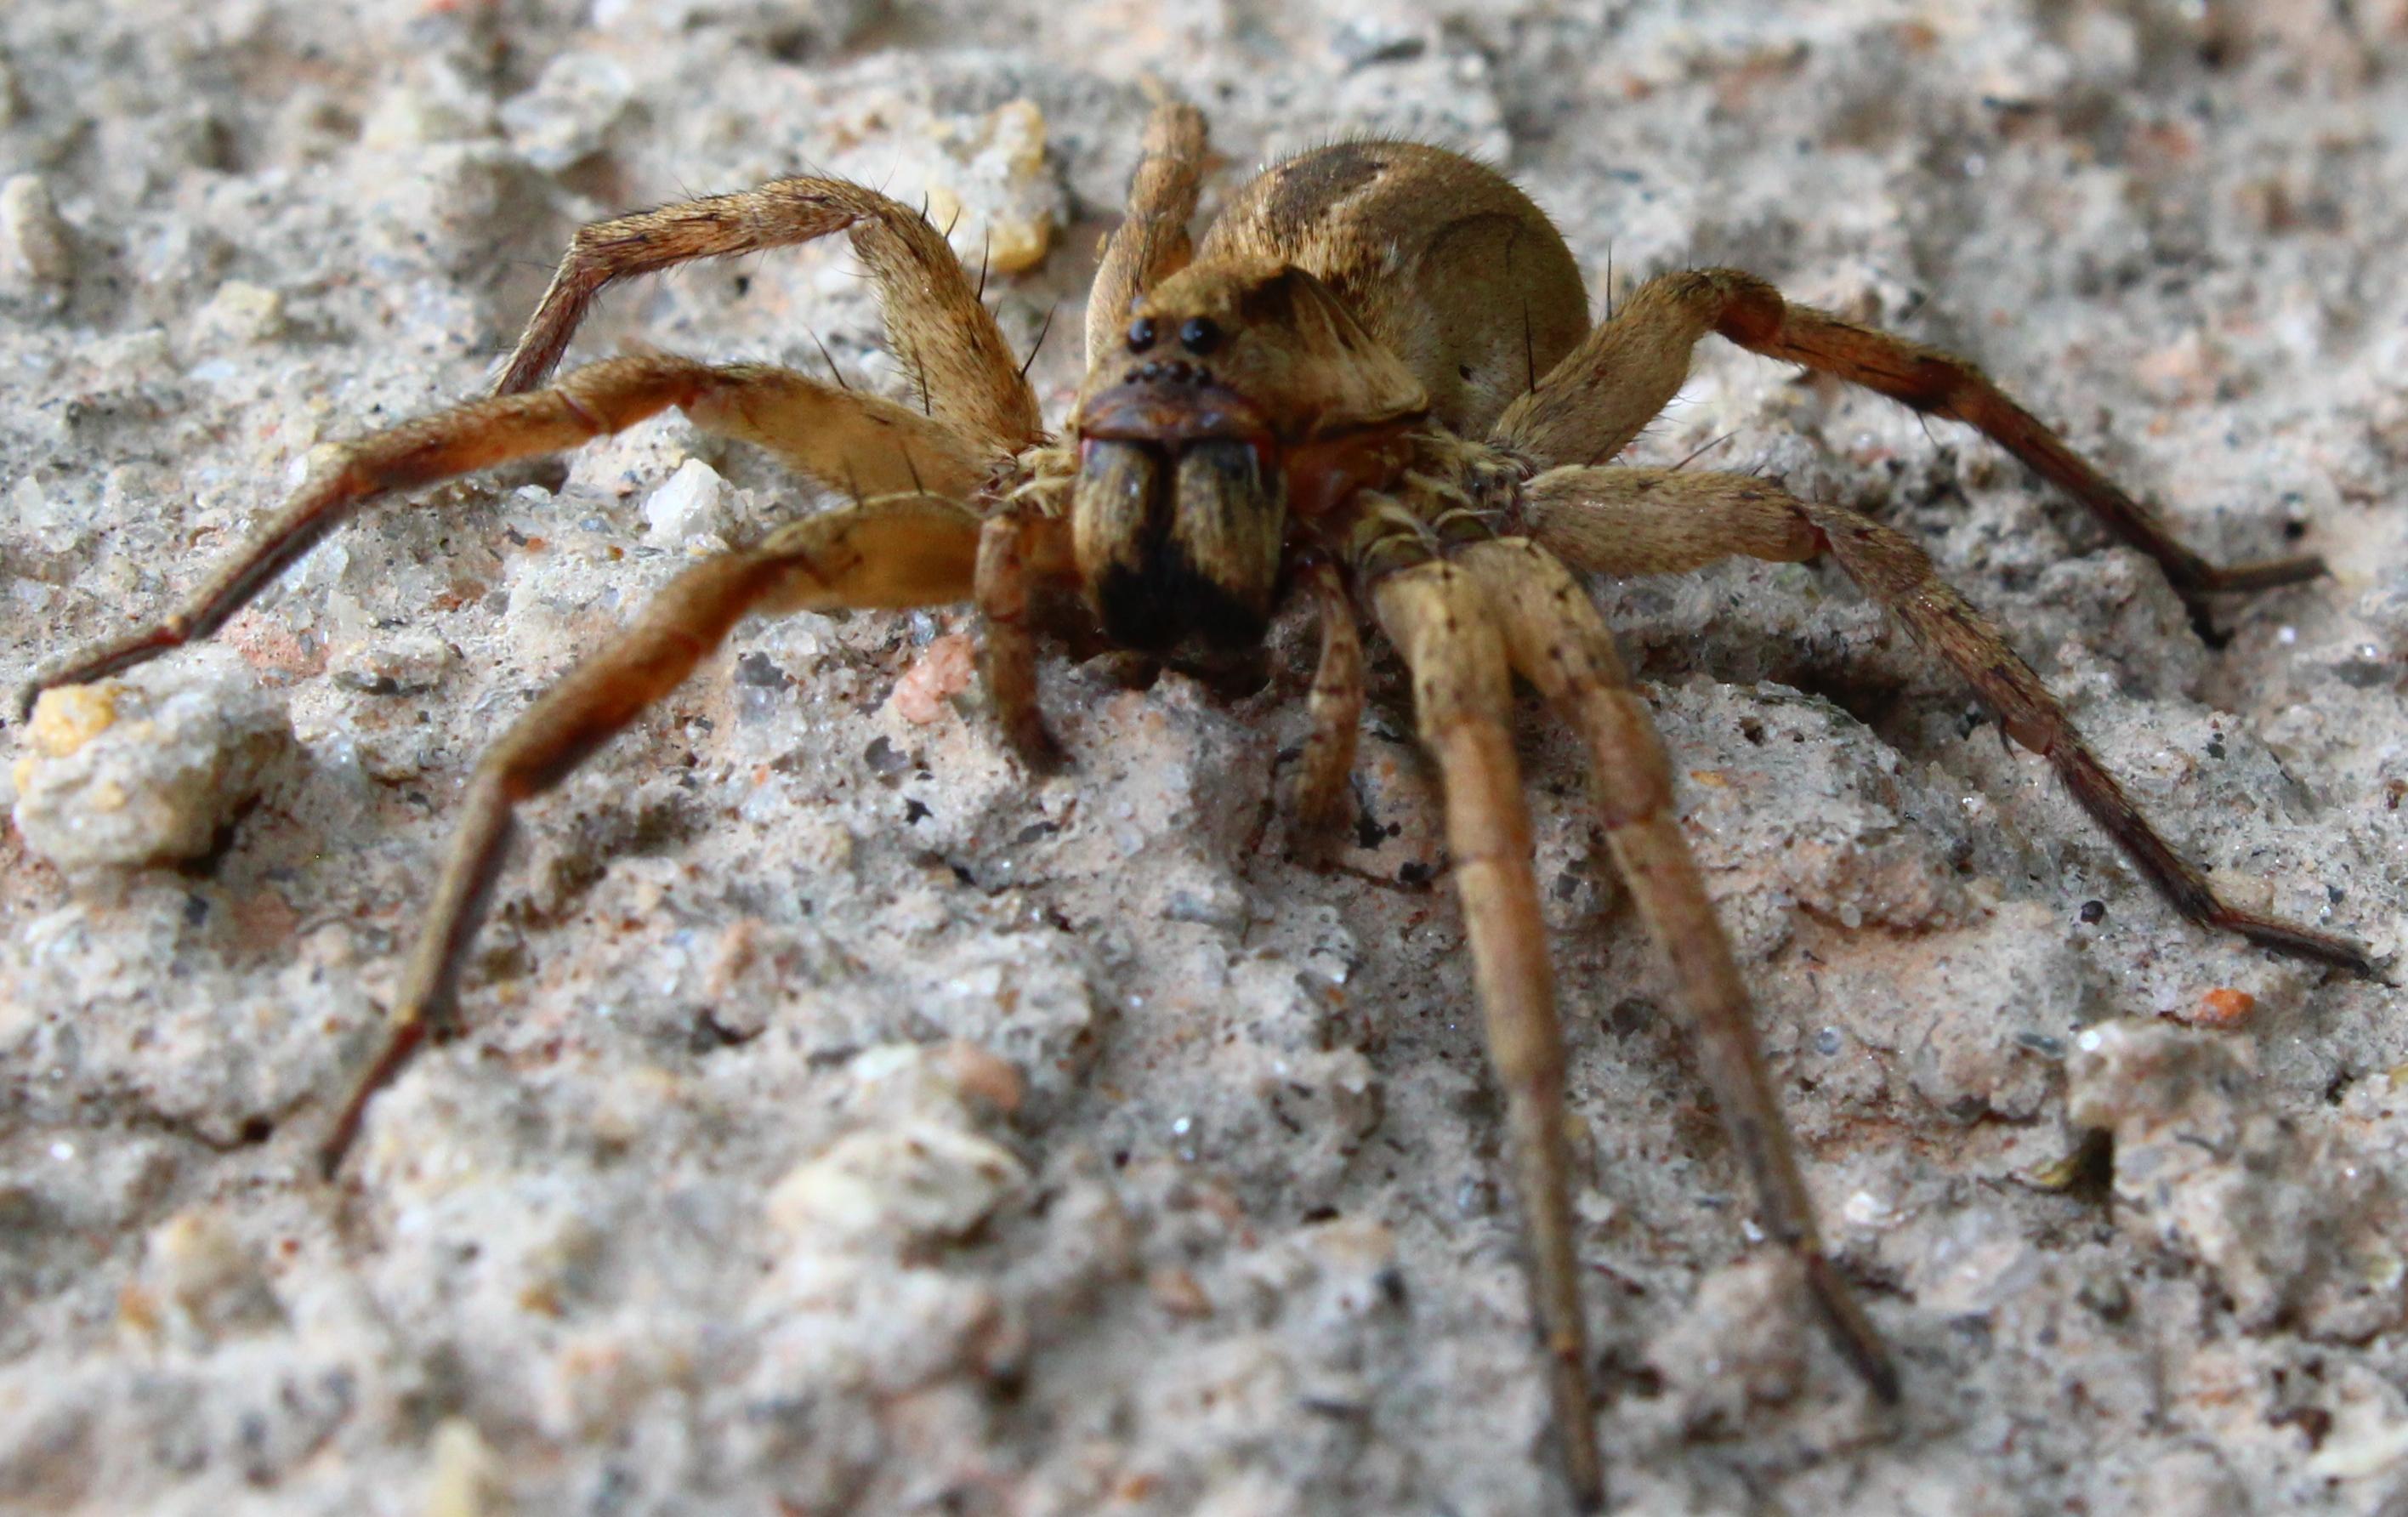 aranha é conhecida por ser um dos animais nocivos ao ser humano